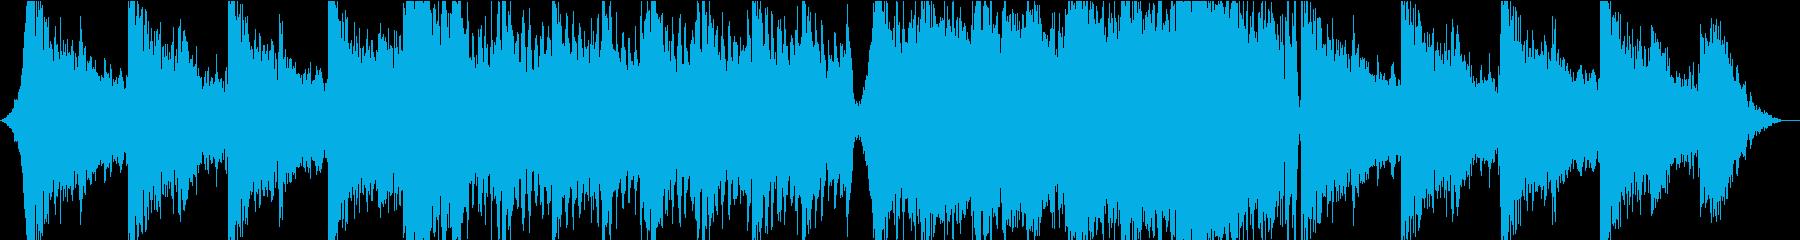 現代の交響曲 広い 壮大 素晴らし...の再生済みの波形